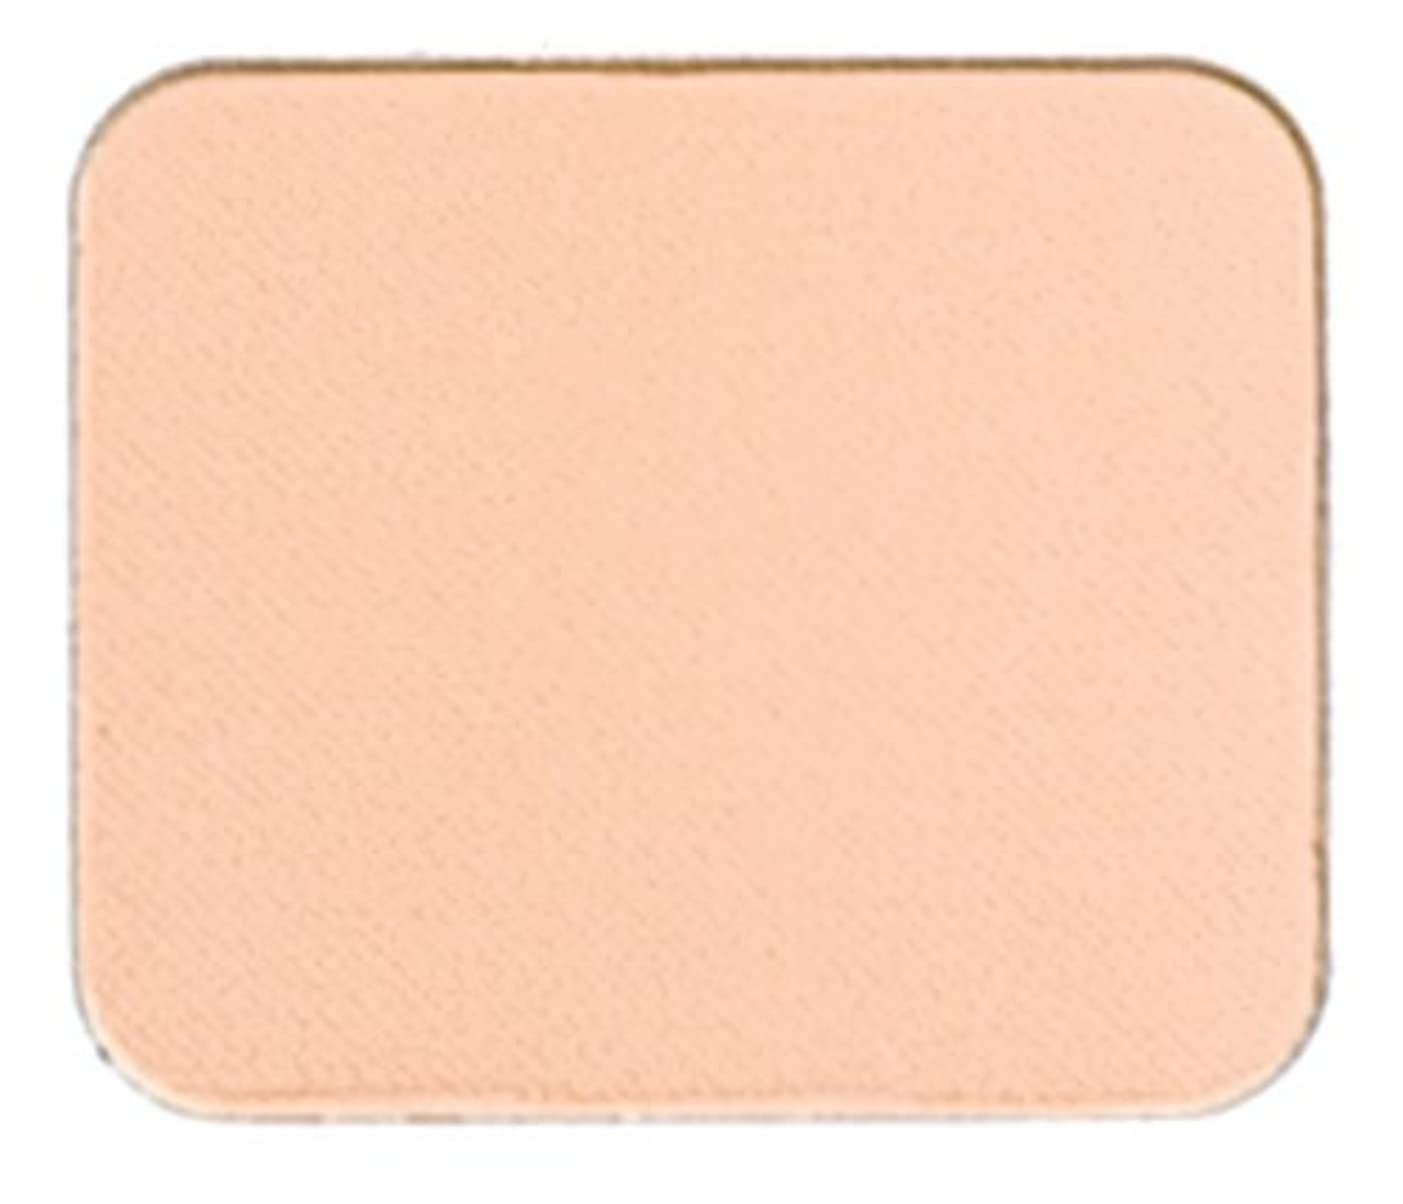 大破狐側溝ドクターシーラボ BBパーフェクトファンデーション WHITE377プラス ナチュラル1(明るい肌色) 12g SPF25 PA++